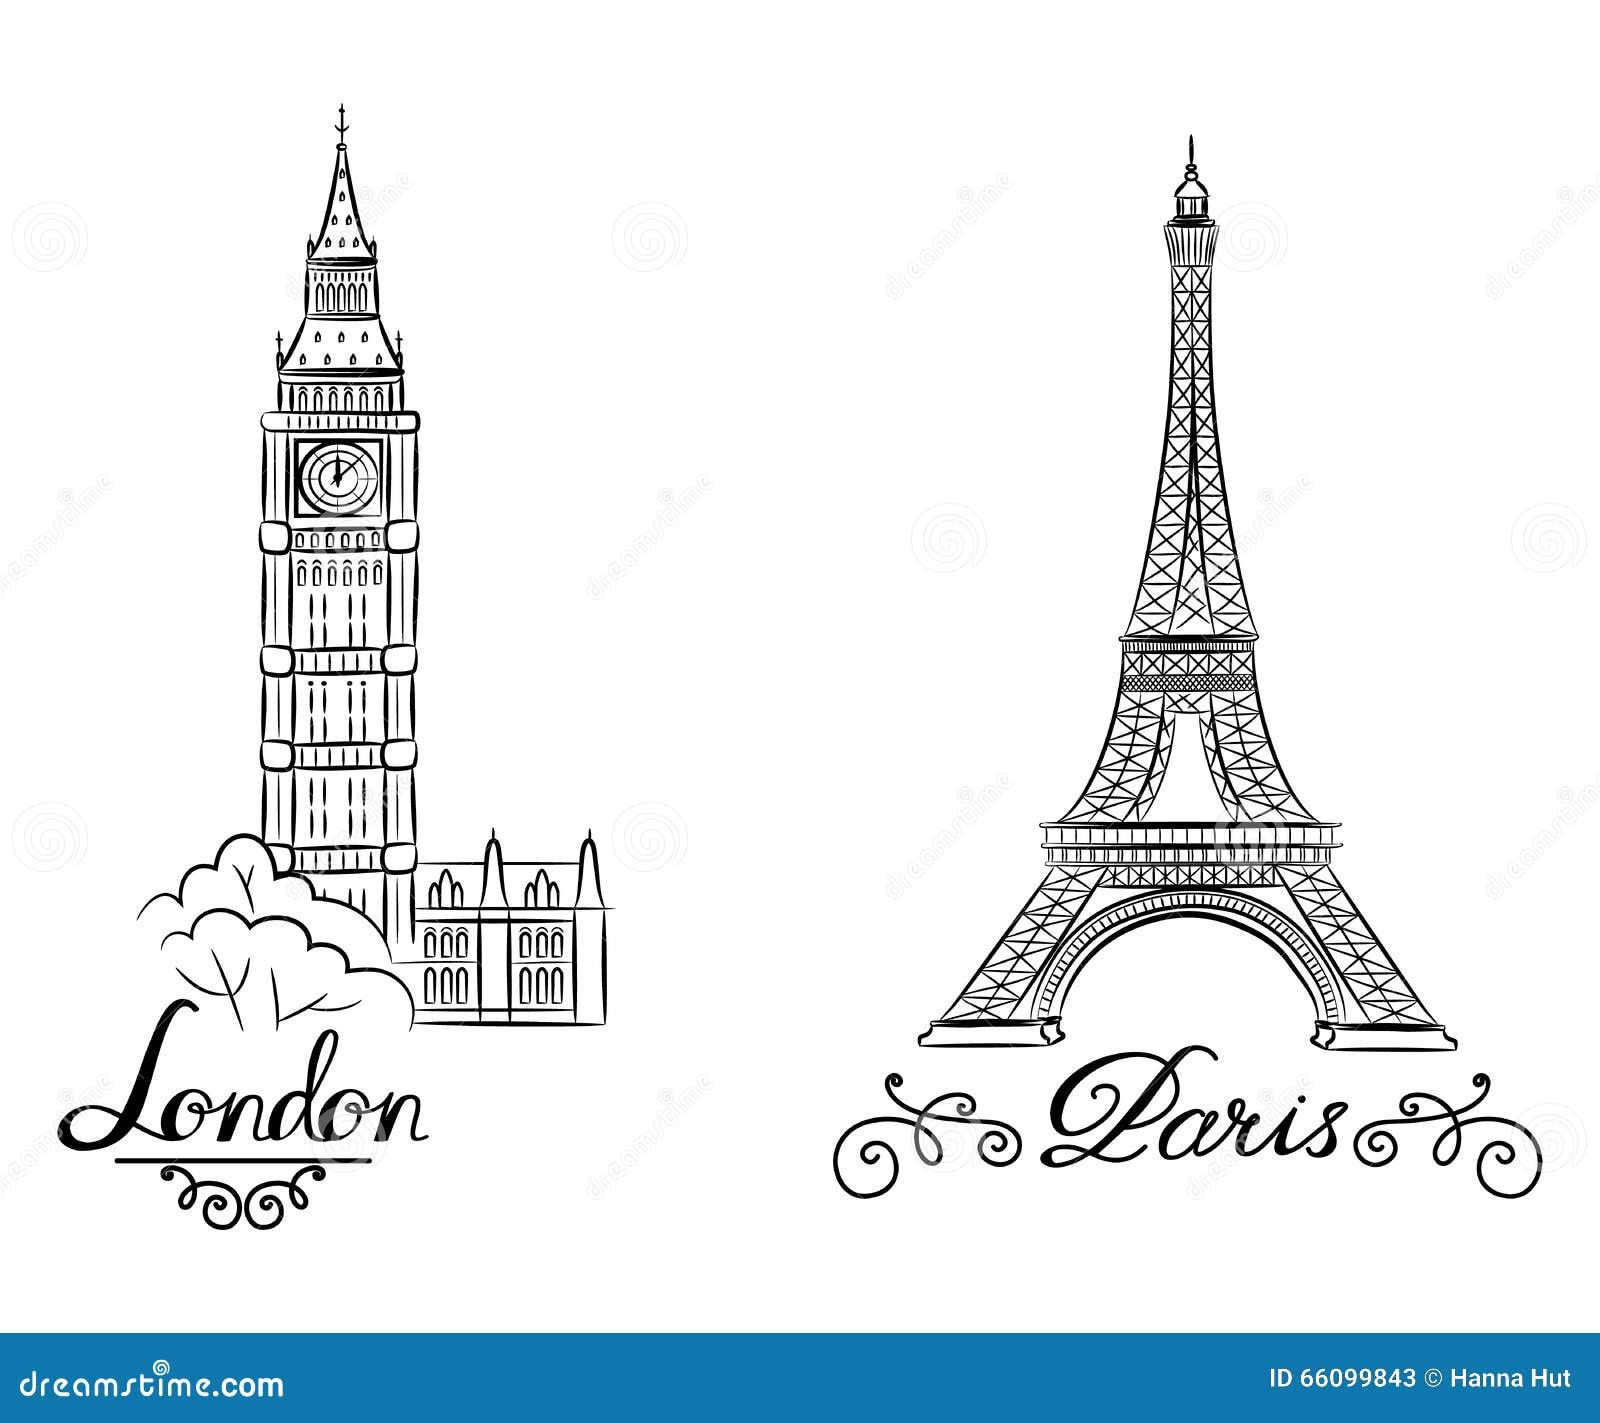 手剪影举世闻名的地标收藏:大本钟伦敦,巴黎,艾菲尔铁塔英国和剪影